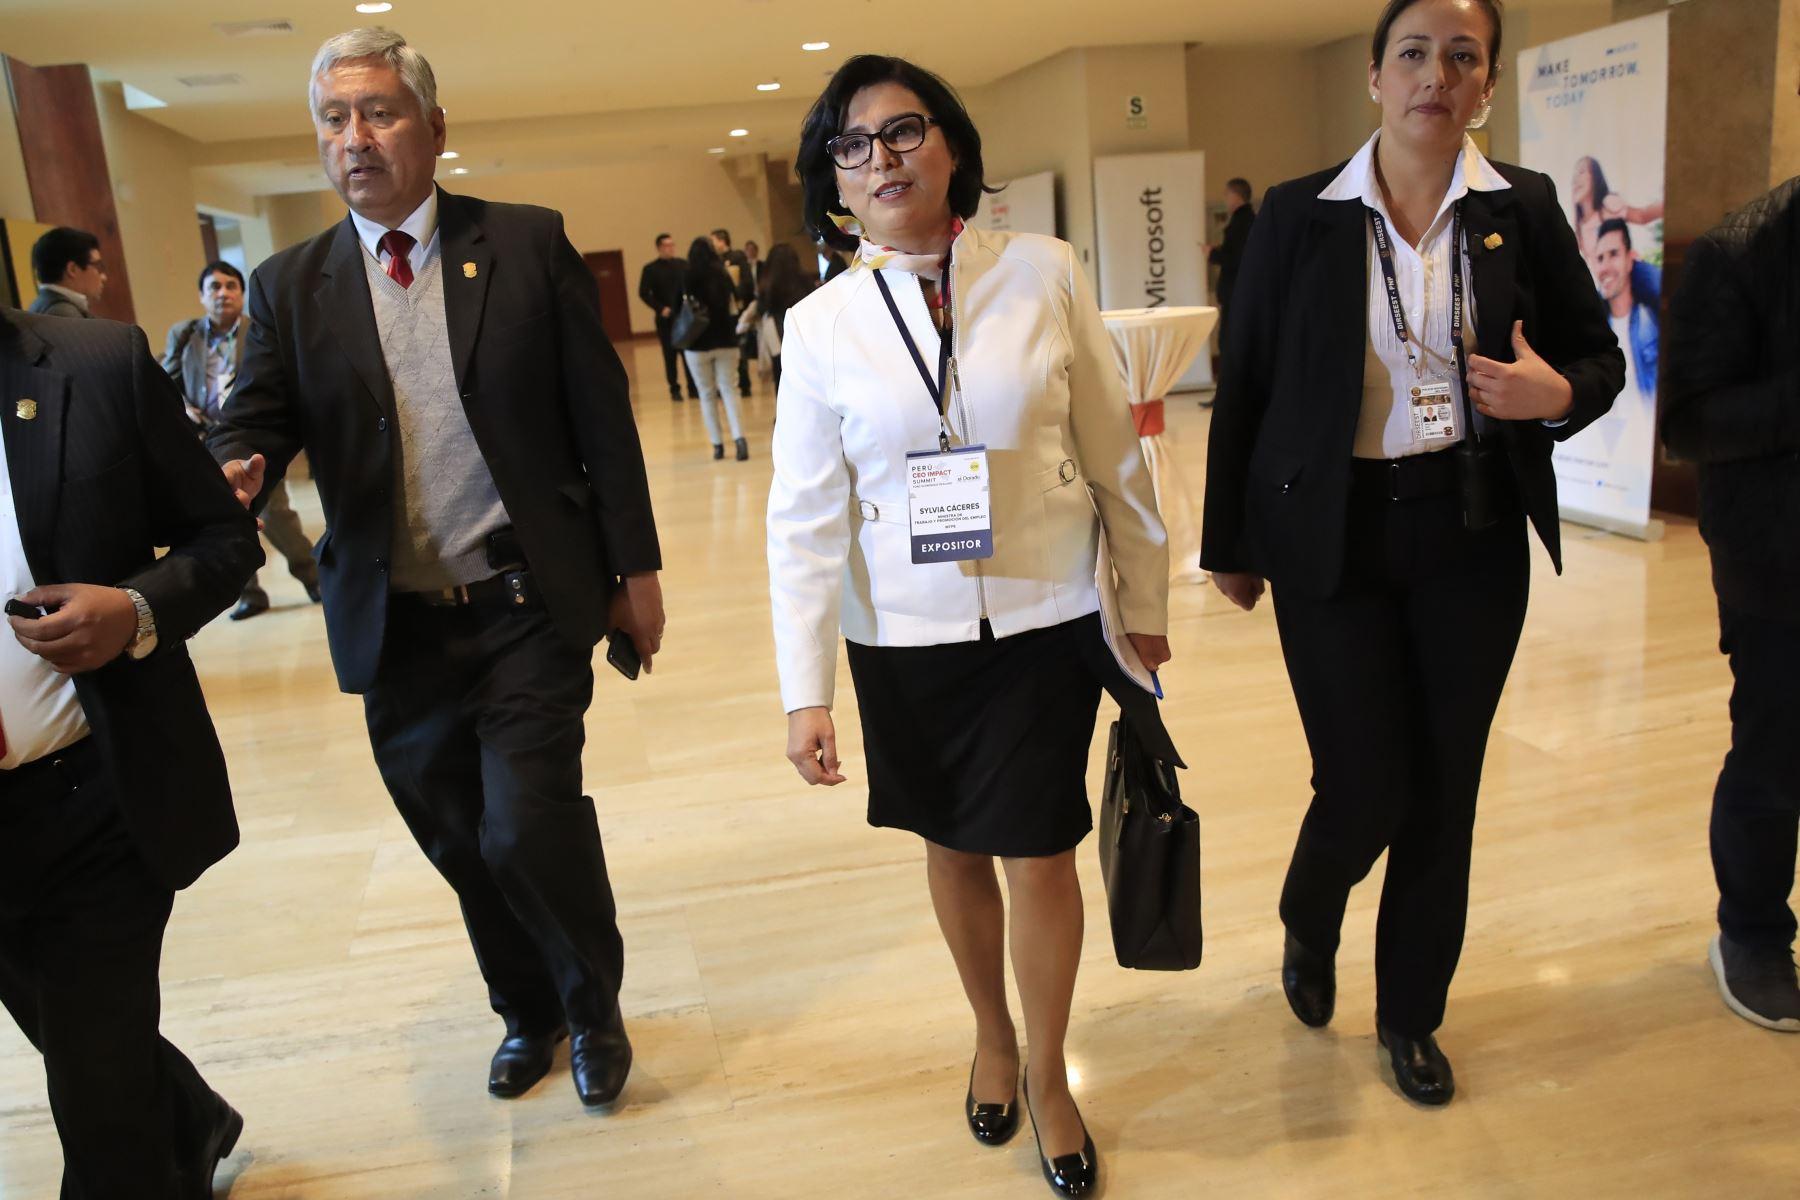 Sylvia Cáceres, Ministra de Trabajo, al final de su exposición en el foro: Perú CEO Impact Summit        Foto: ANDINA/Juan Carlos Guzmán Negrini.